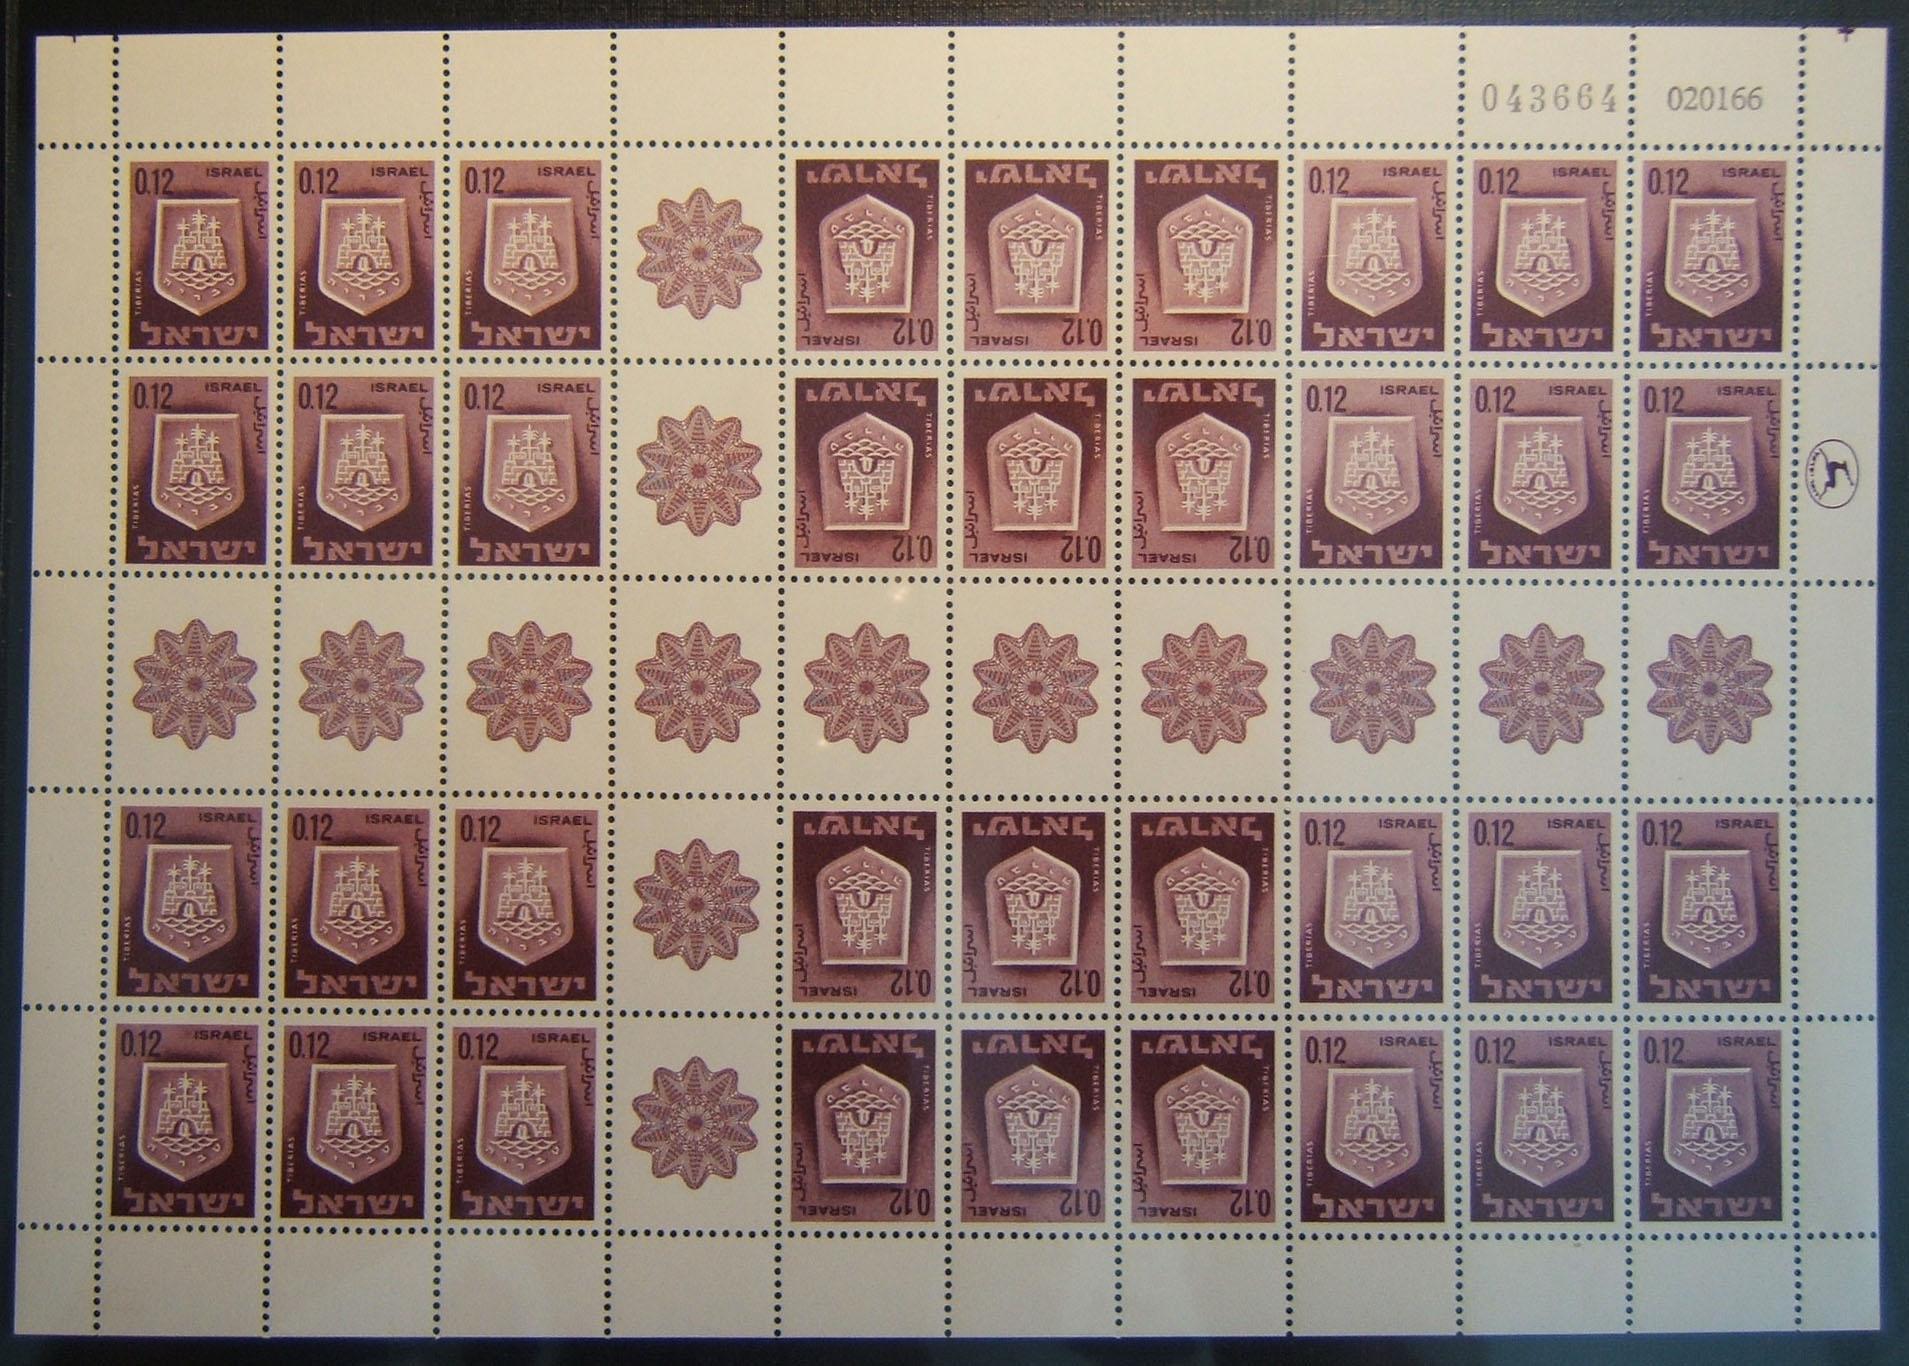 1965/67 1st Town Emblems 0.12£ tete beche sheet (Ba Irs.22), MNH